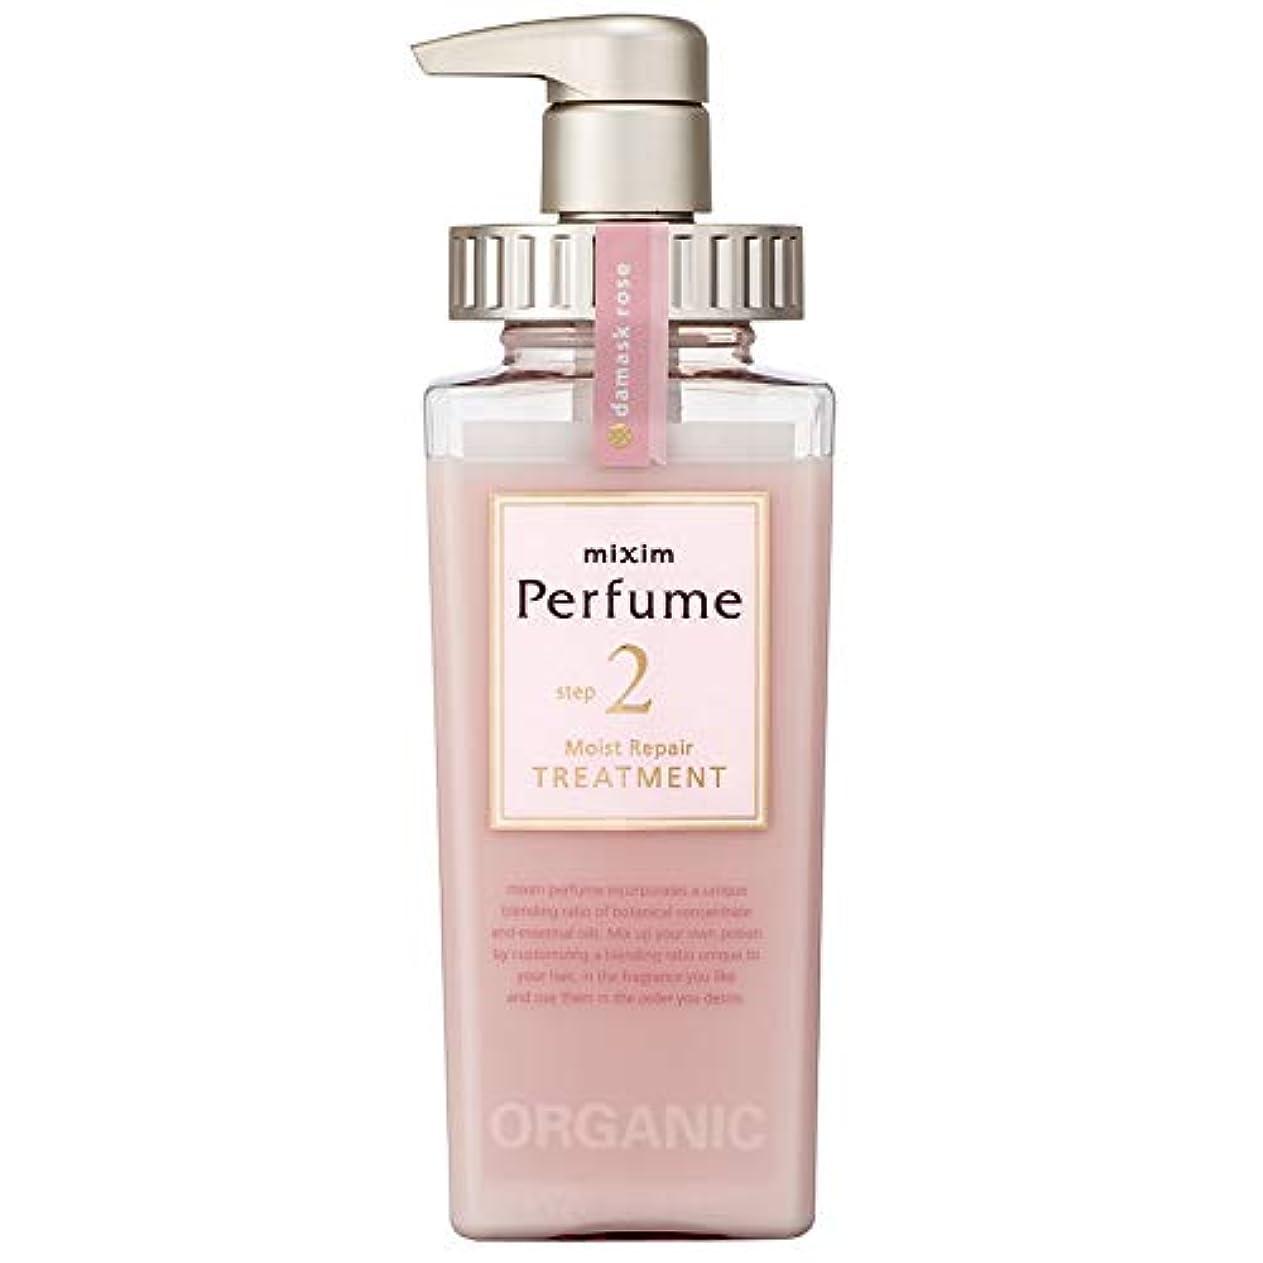 相互接続シャー推定するmixim Perfume(ミクシムパフューム) モイストリペア ヘアトリートメント 440g